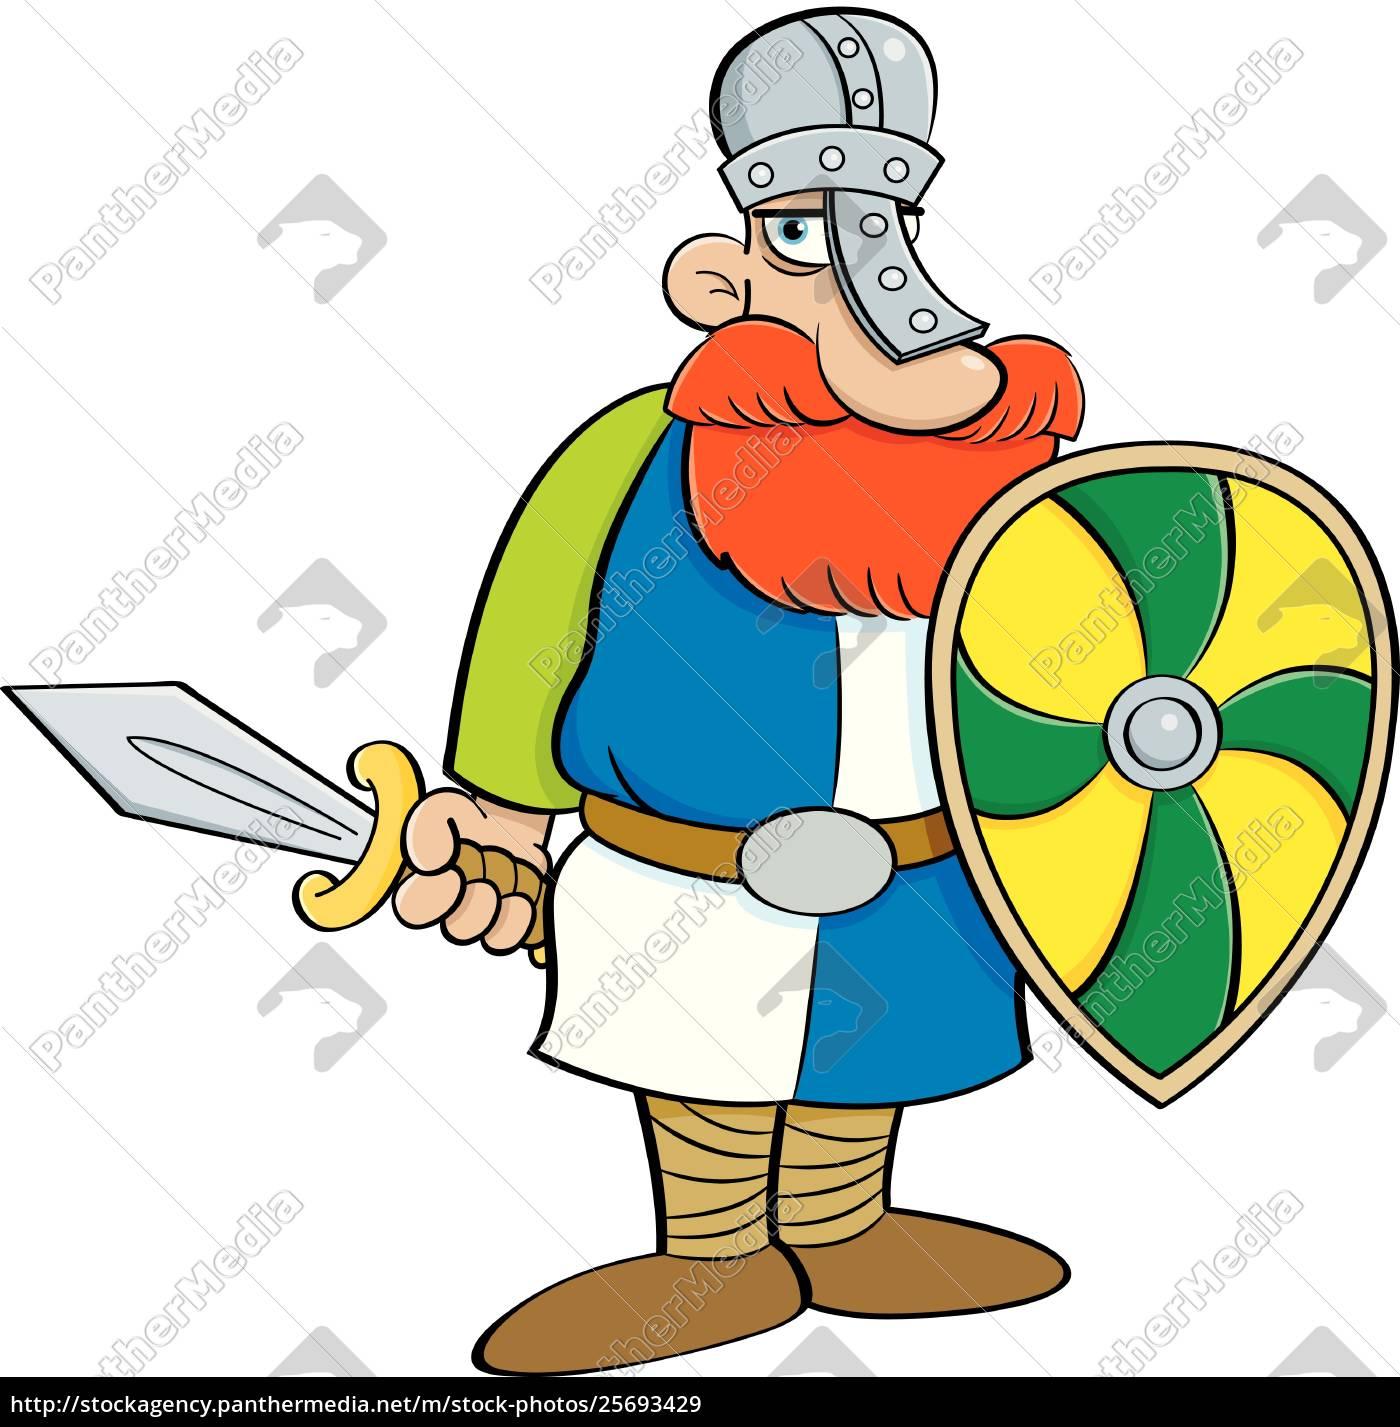 karikaturillustration, eines, mittelalterlichen, ritters, der, ein, schild - 25693429